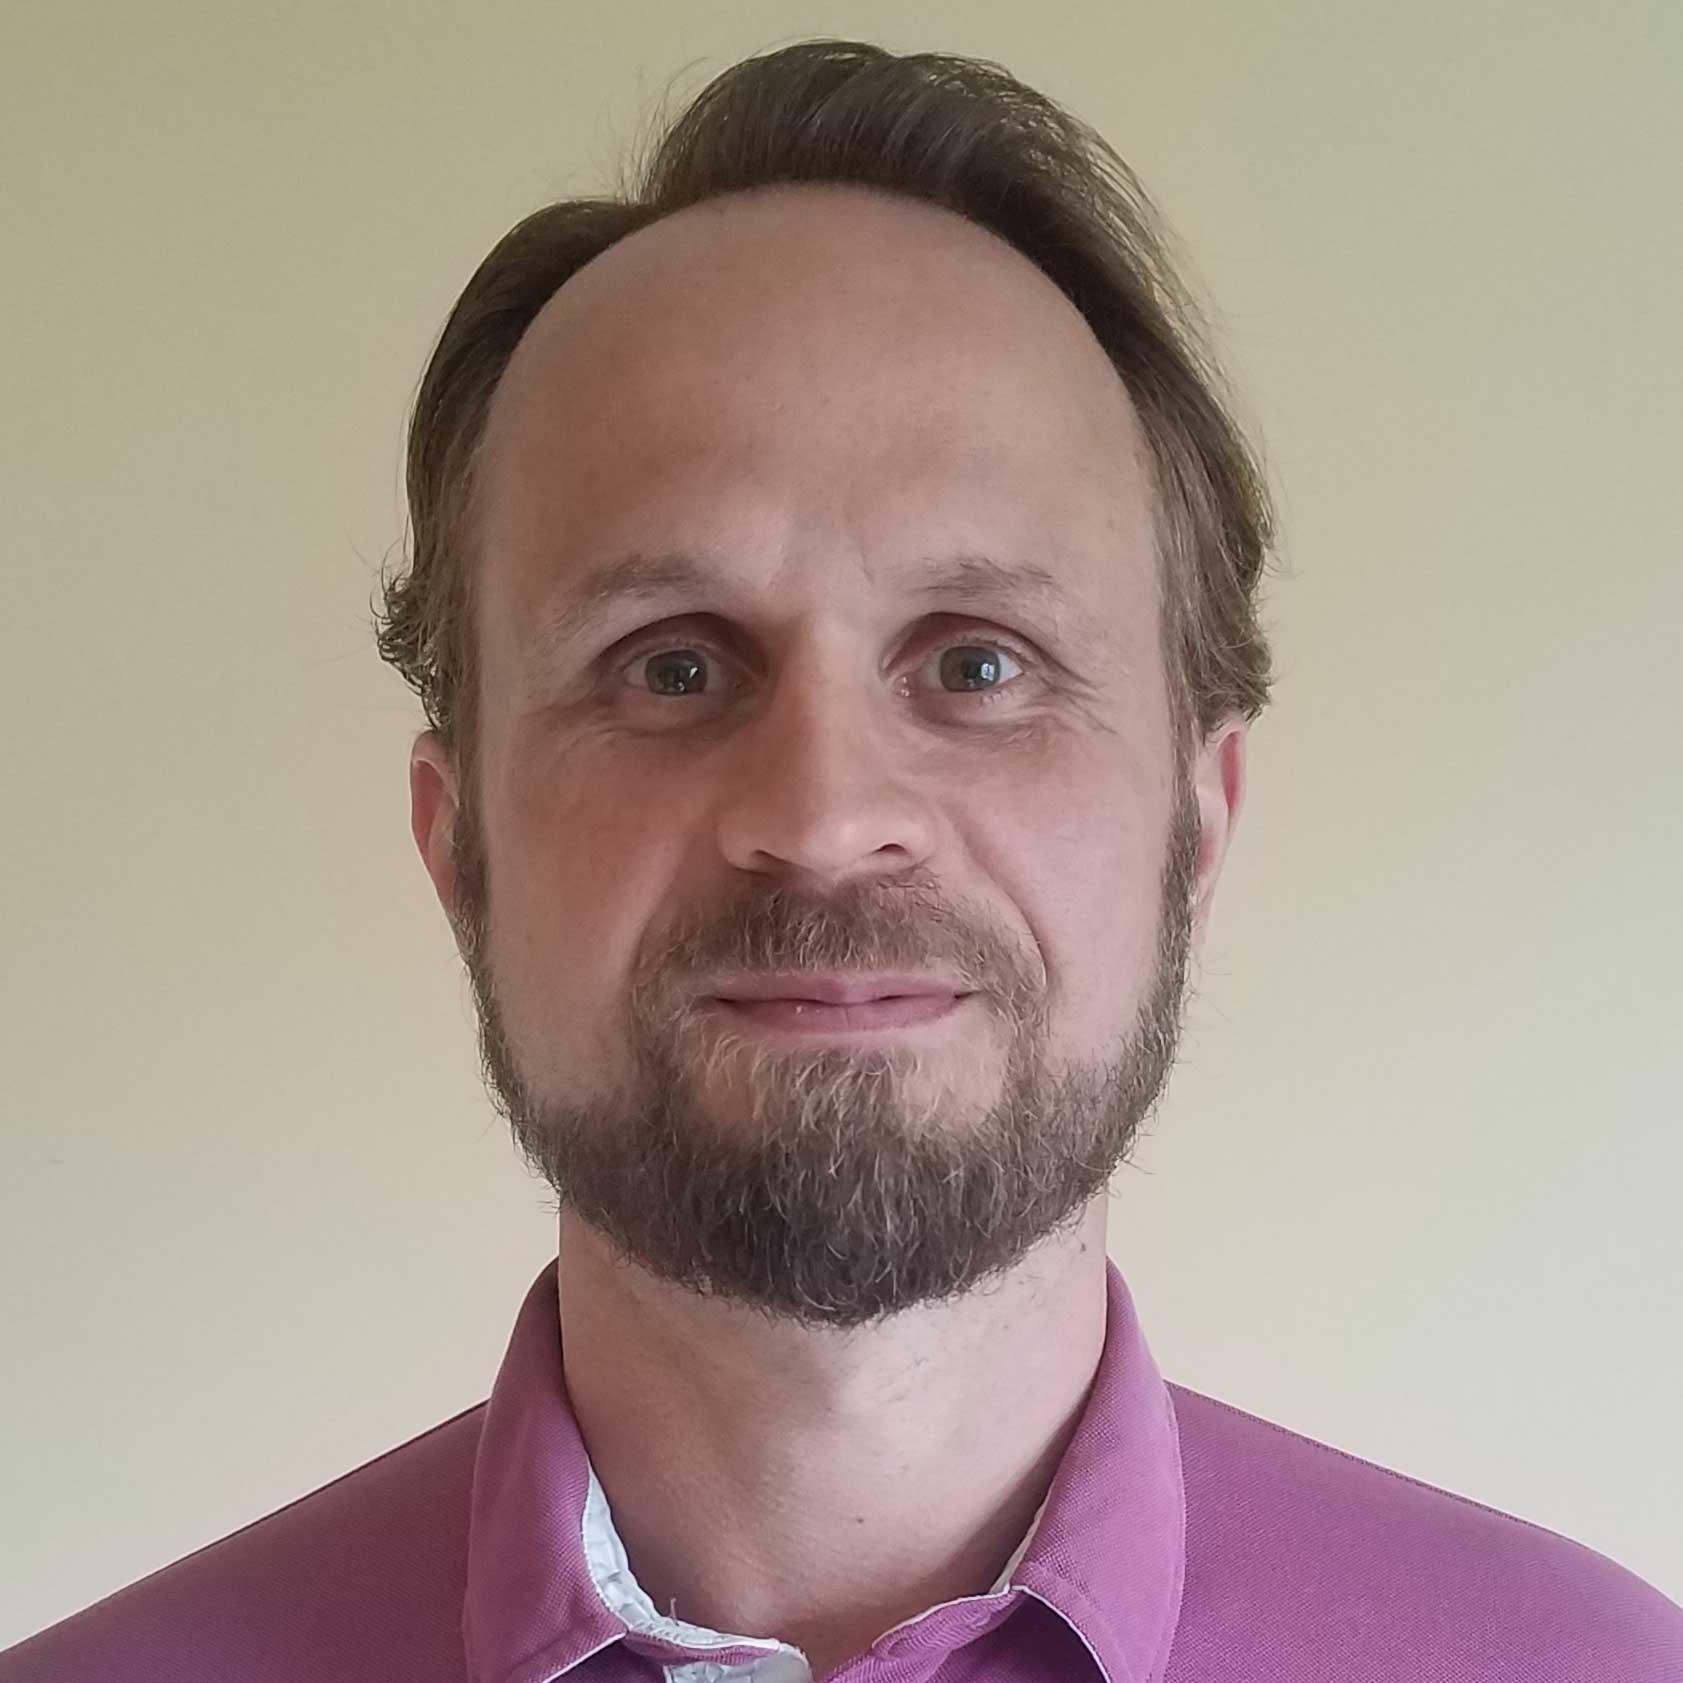 Portrait of Dr Jody E Muelaner